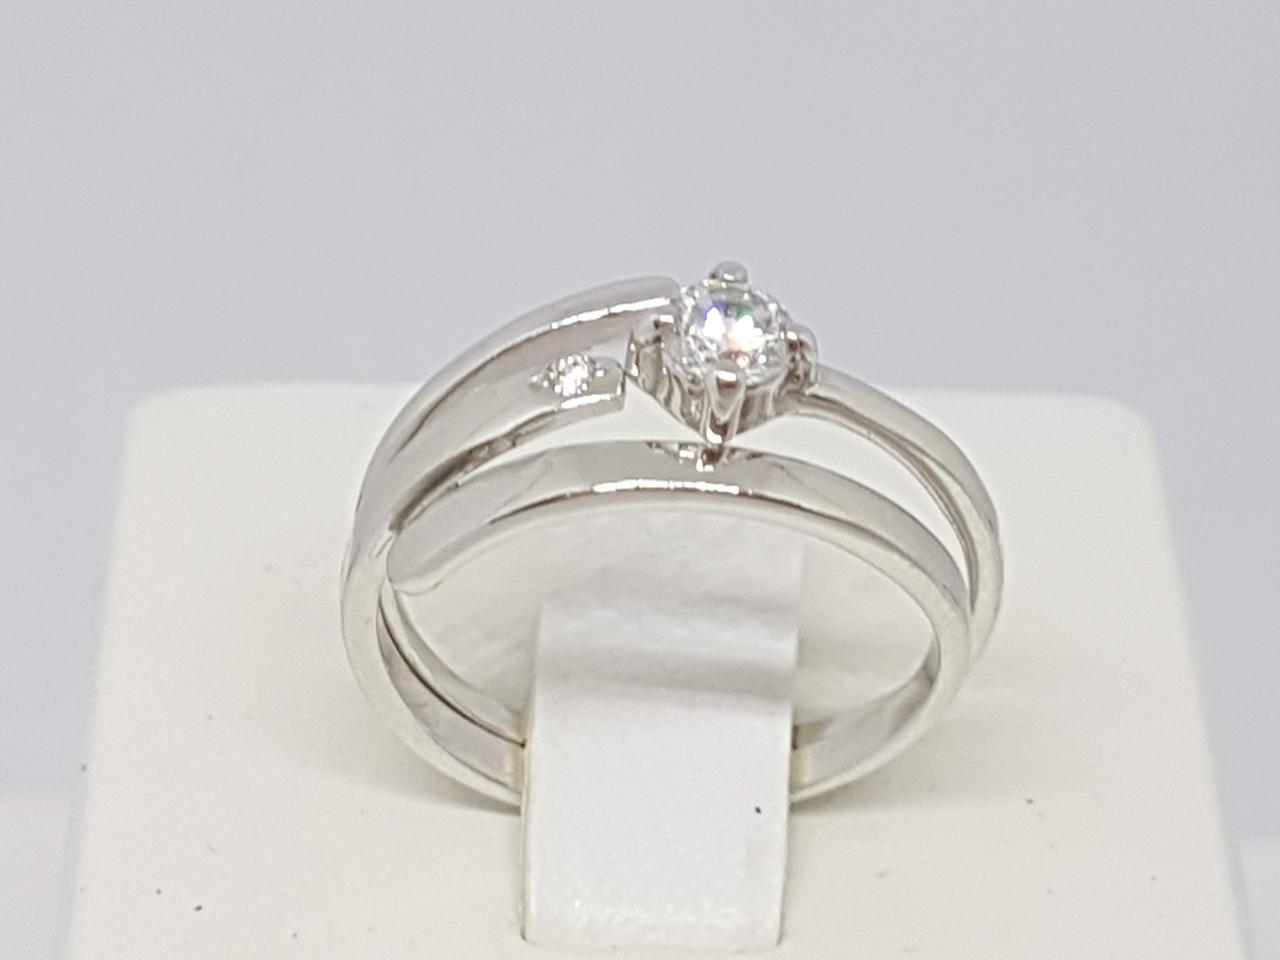 Серебряное кольцо 2 в 1. Артикул 1539Р